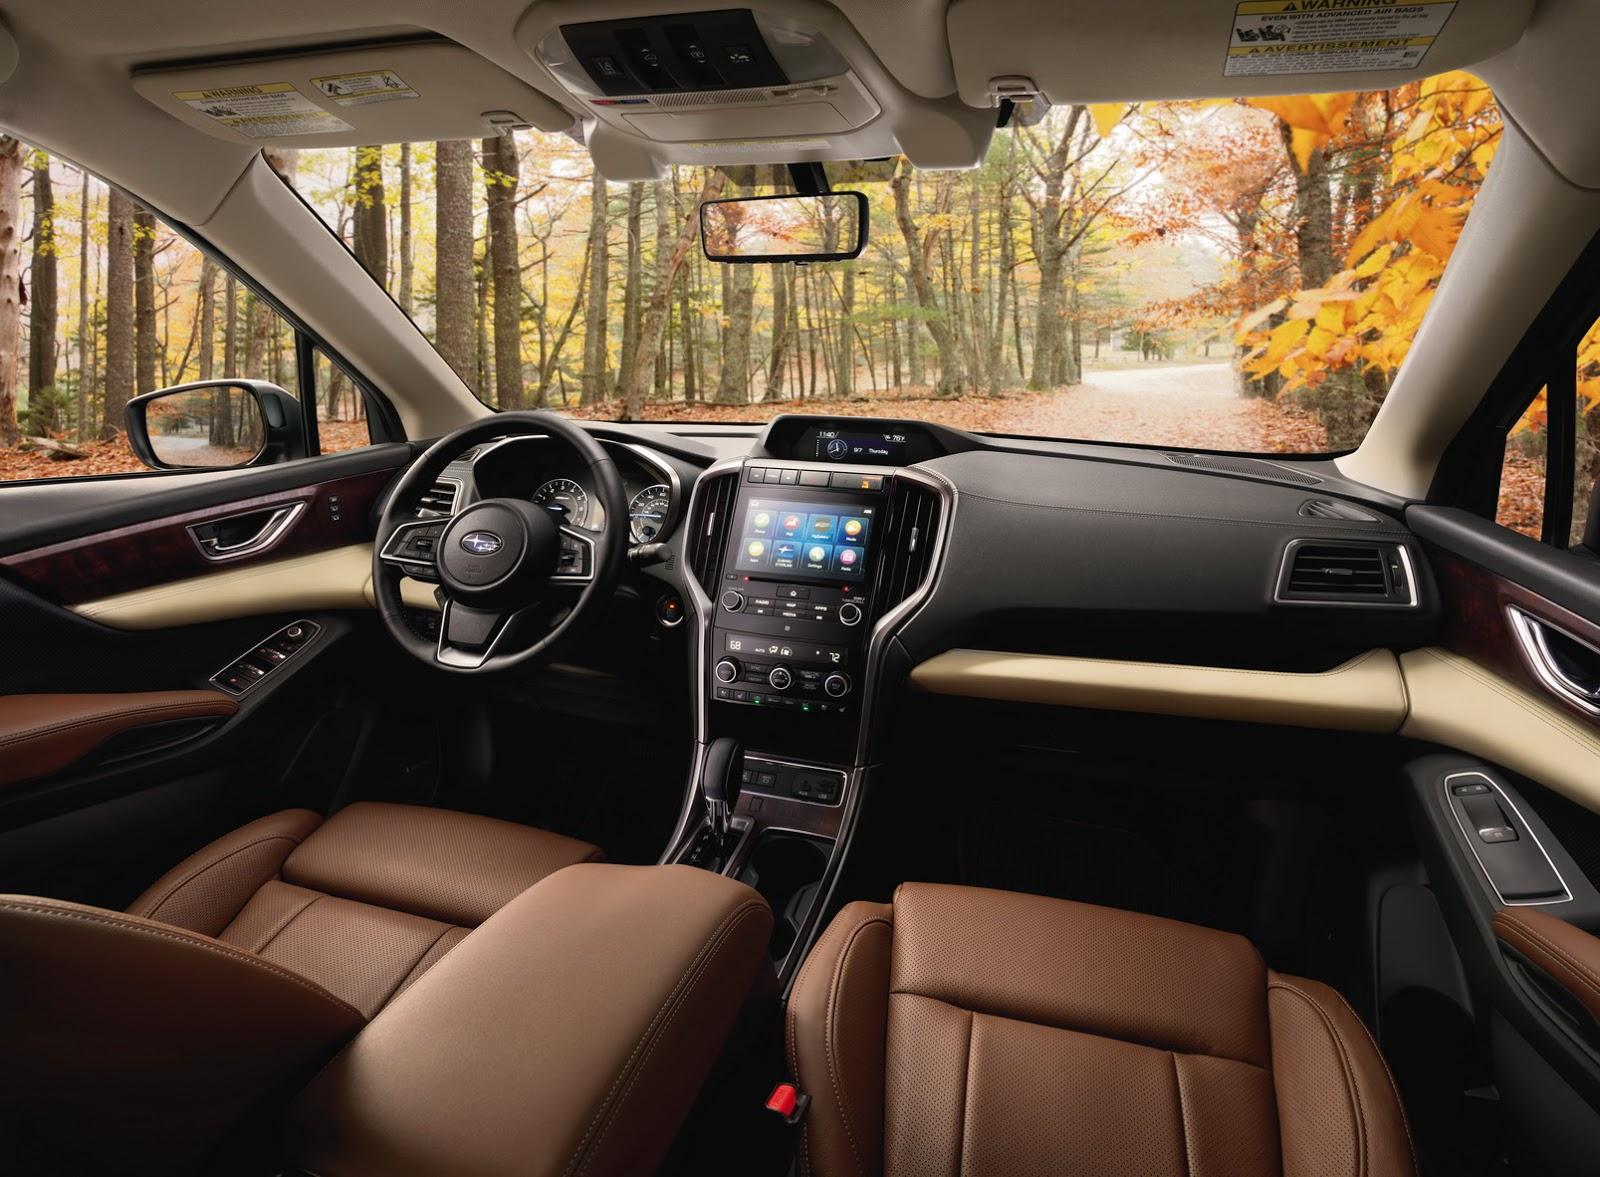 Xe++ - SUV Subaru Ascent 2019 ra mắt, cạnh tranh trực tiếp Ford Explorer  (Hình 4).